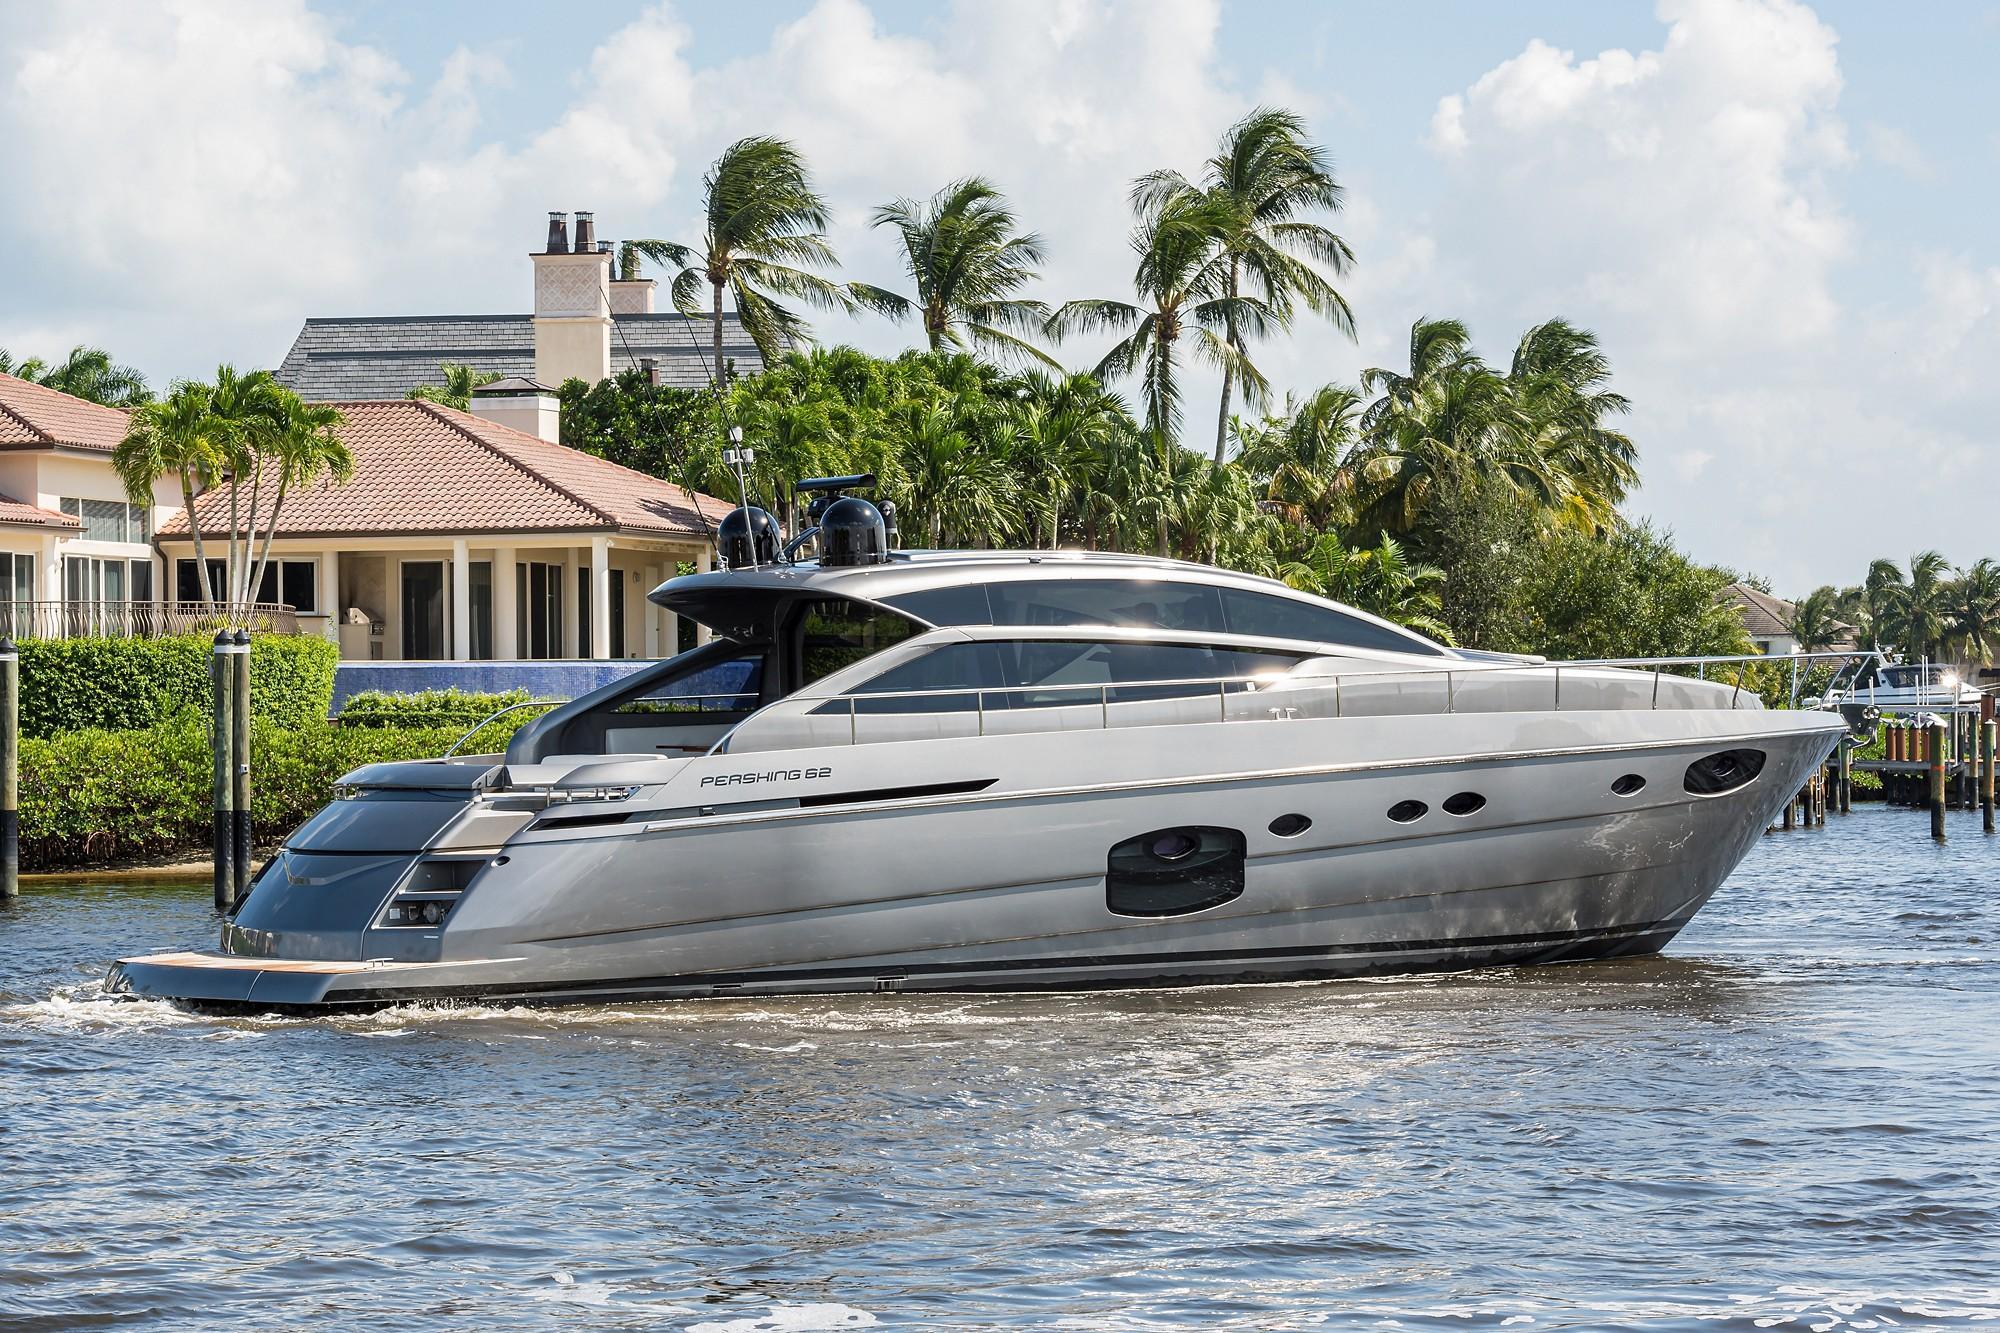 Sunshine, 62 Pershing 2014 Starboard Profile